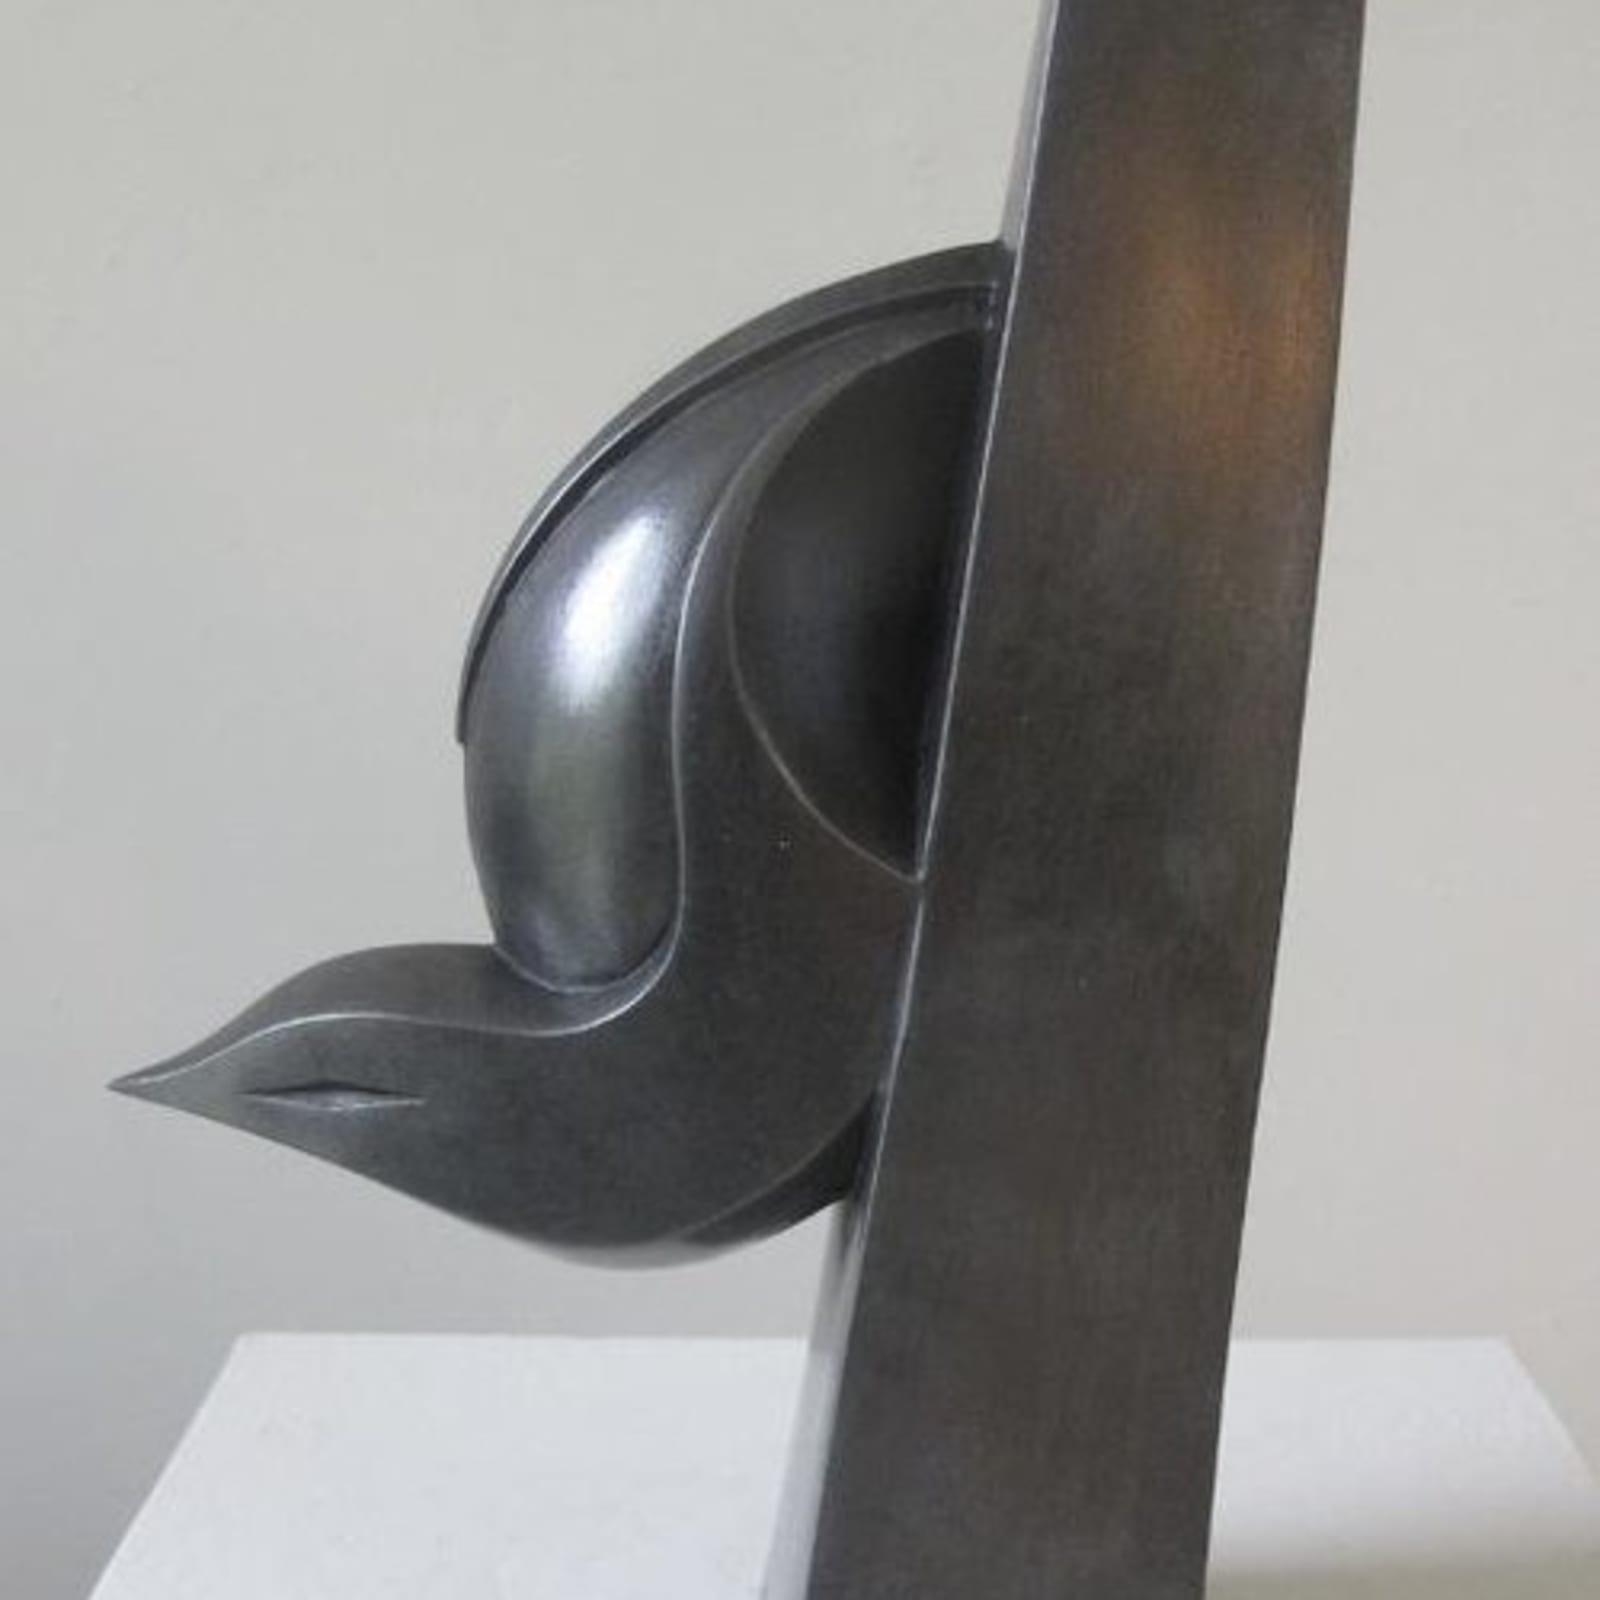 Paul Harvey, Nuthatch, 2019